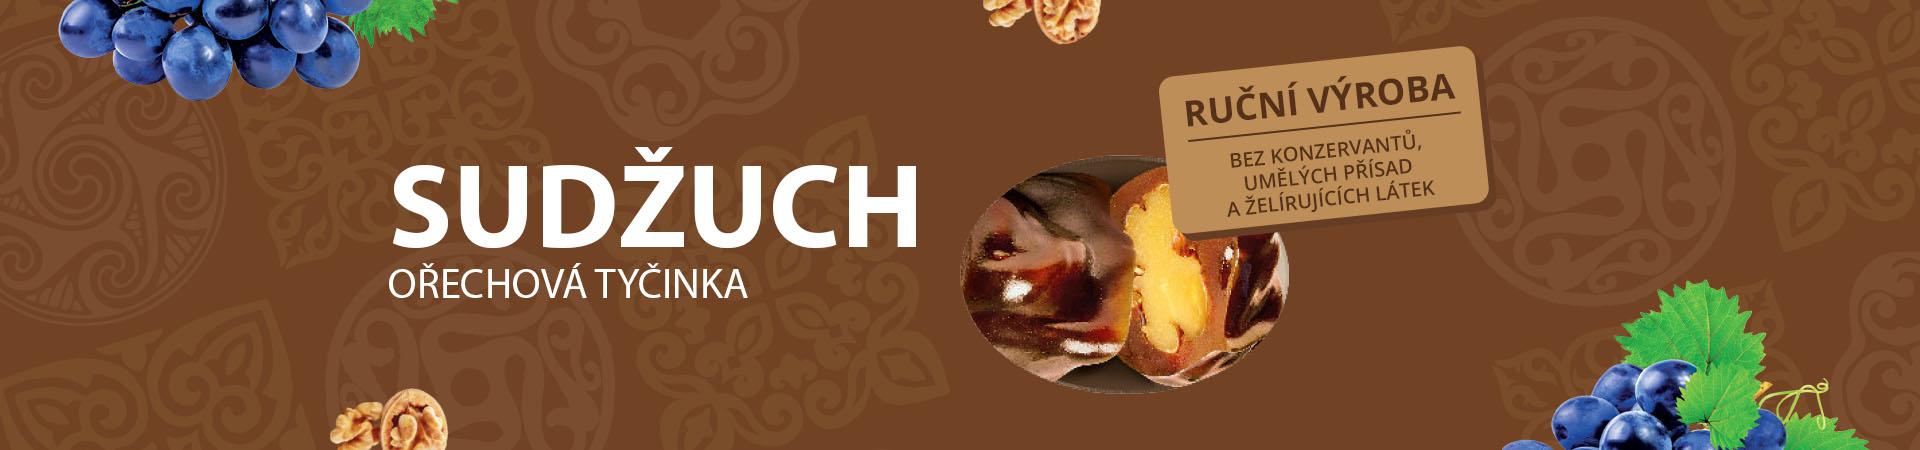 Mňamkový ořecho-hroznový sudžuch